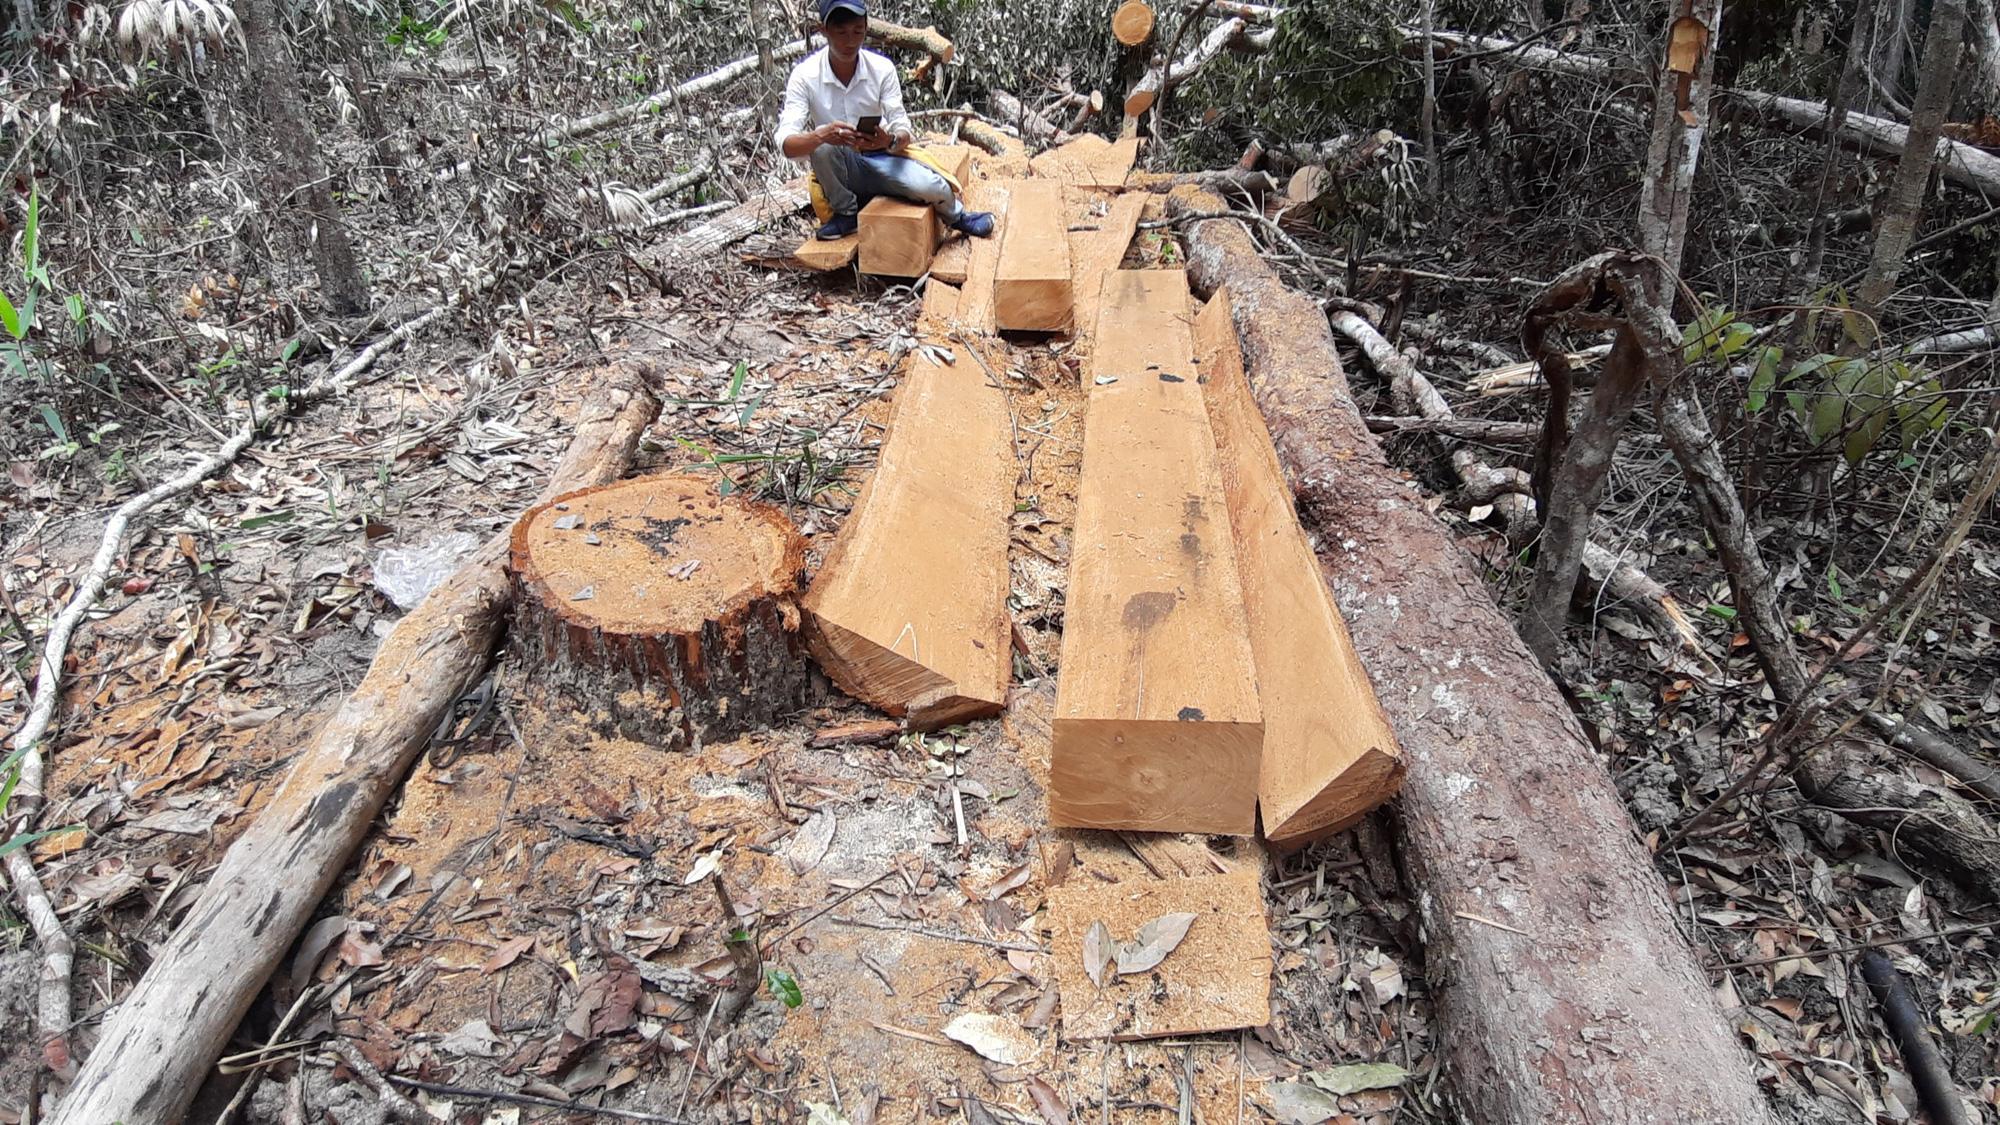 """Gia Lai: Nhiều cây gỗ lớn bị đốn hạ, gỗ nhỏ bị """"cạo trọc, đốt sạch"""" - Ảnh 1."""